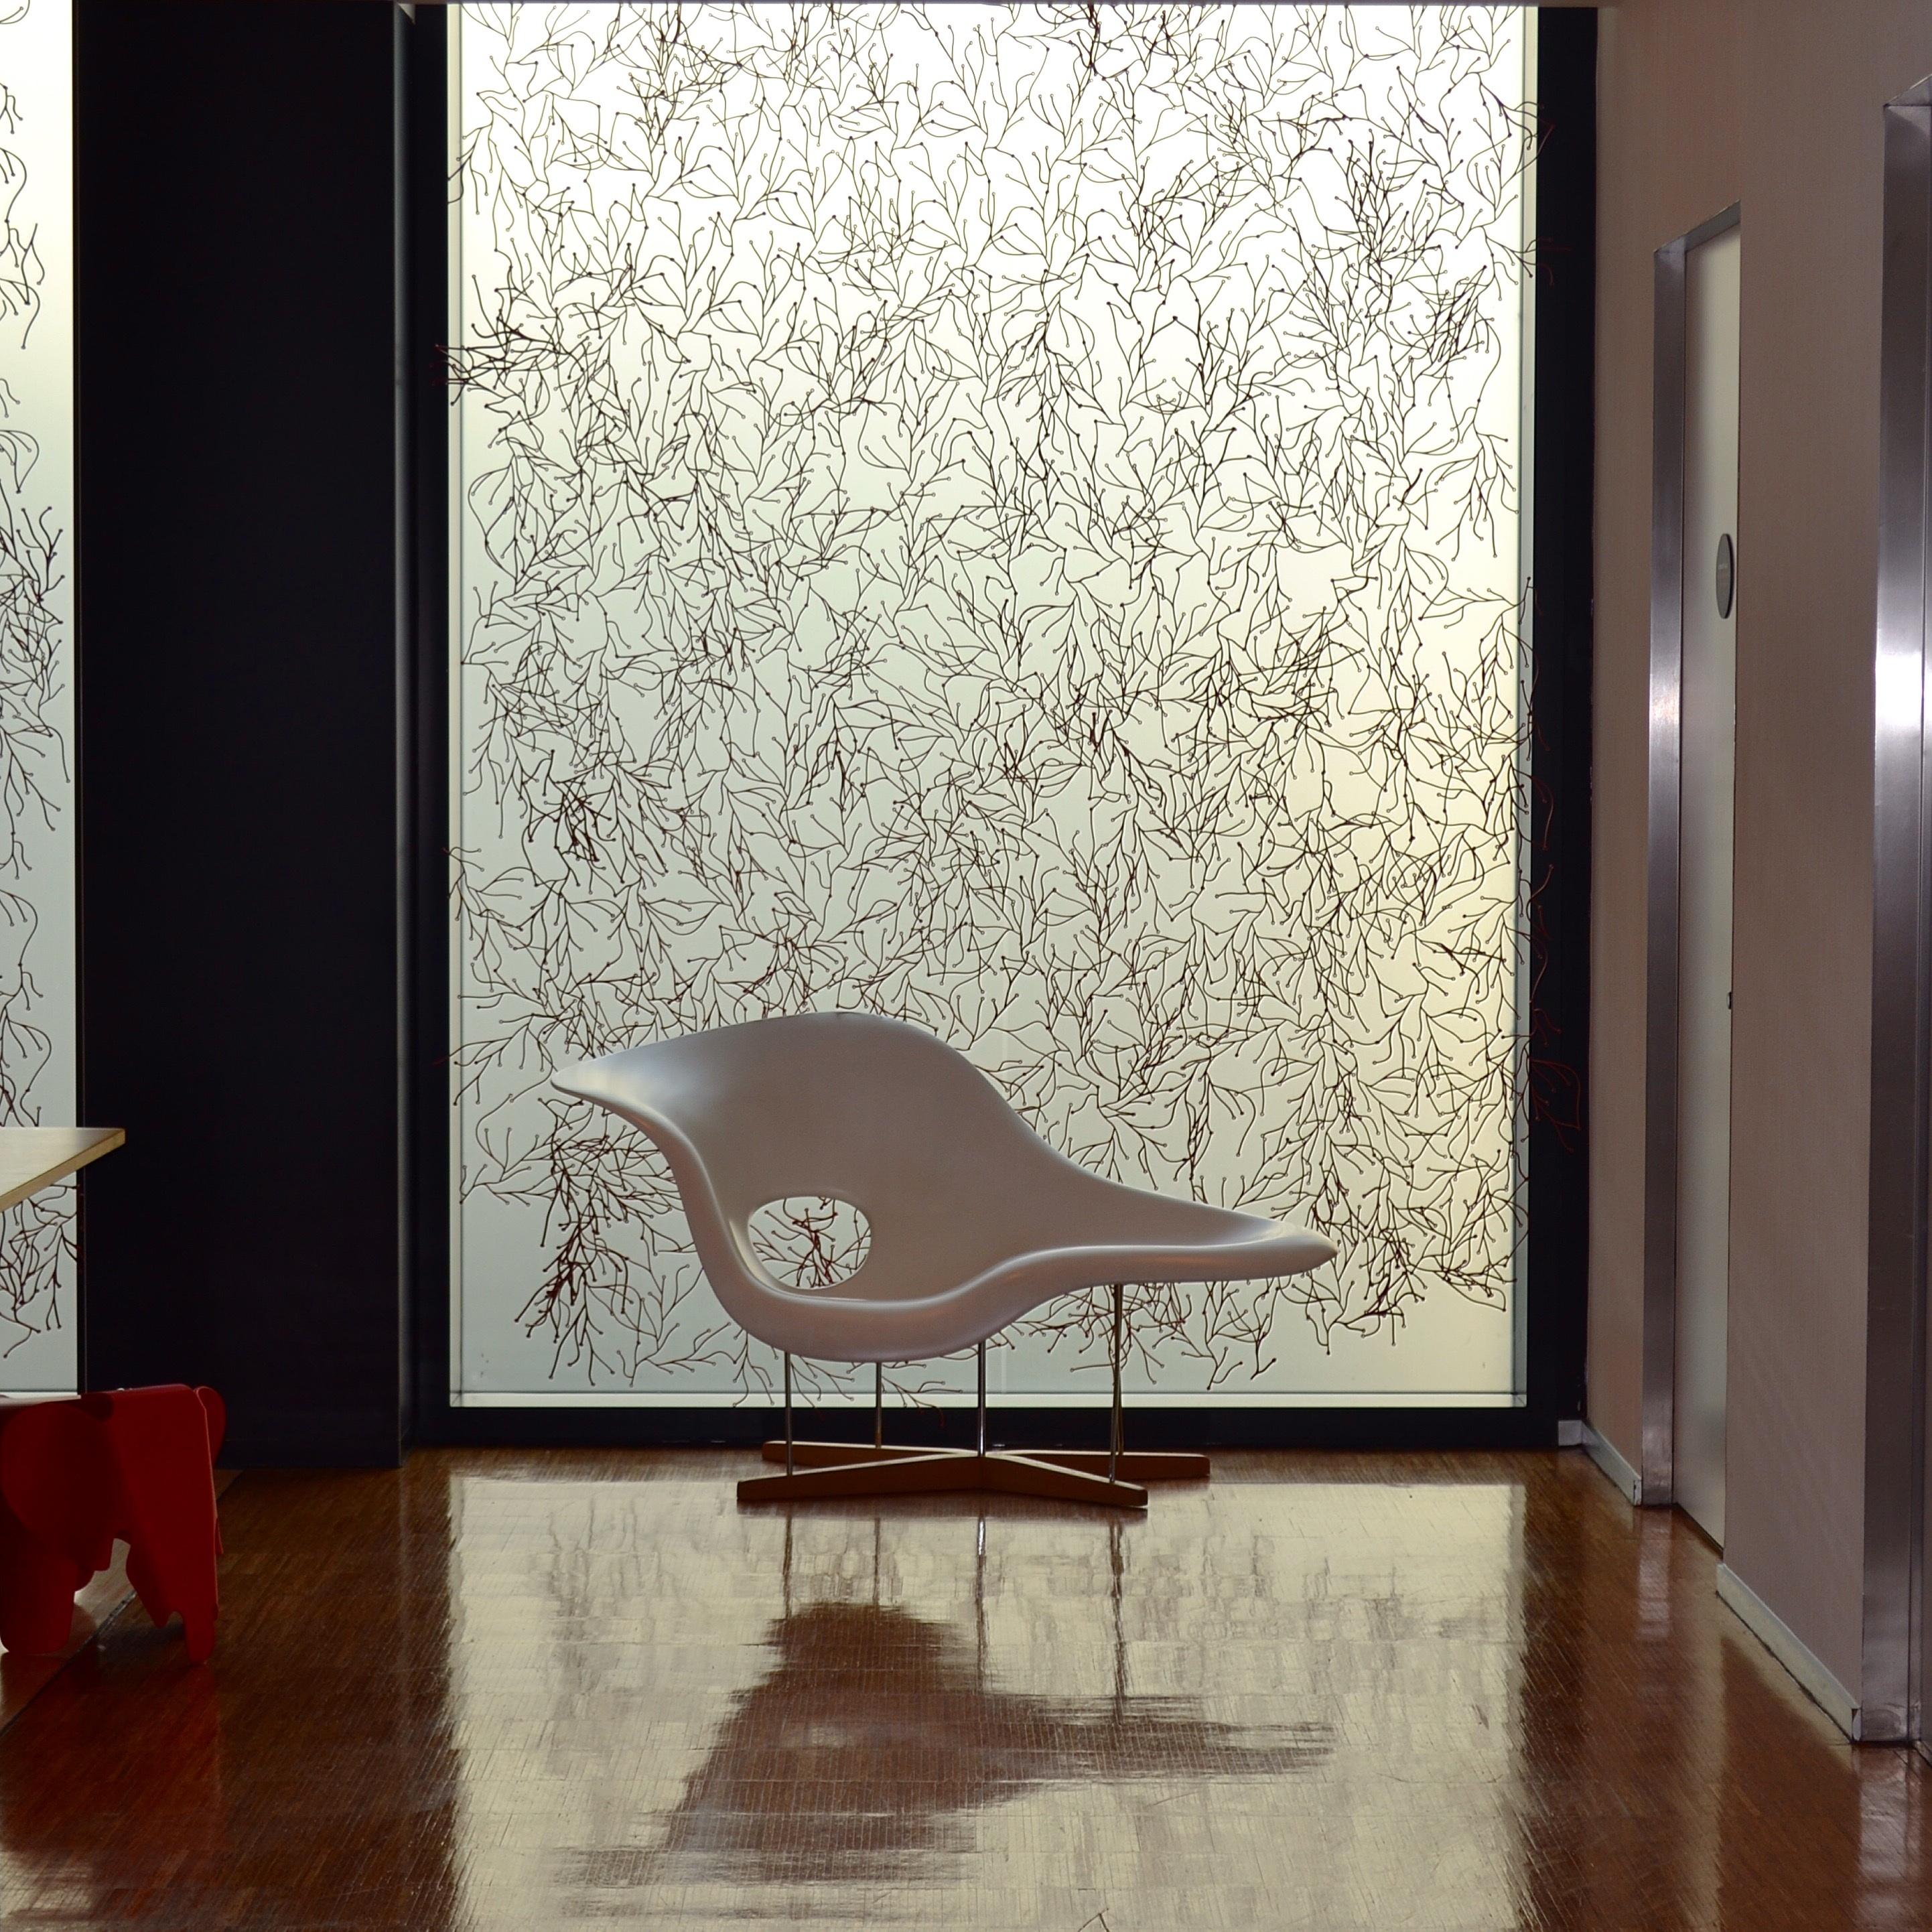 Images Gratuites Bois Sol Verre Mur Plafond Meubles Design  # Design Meuble Moderne Sur Fond Blanc